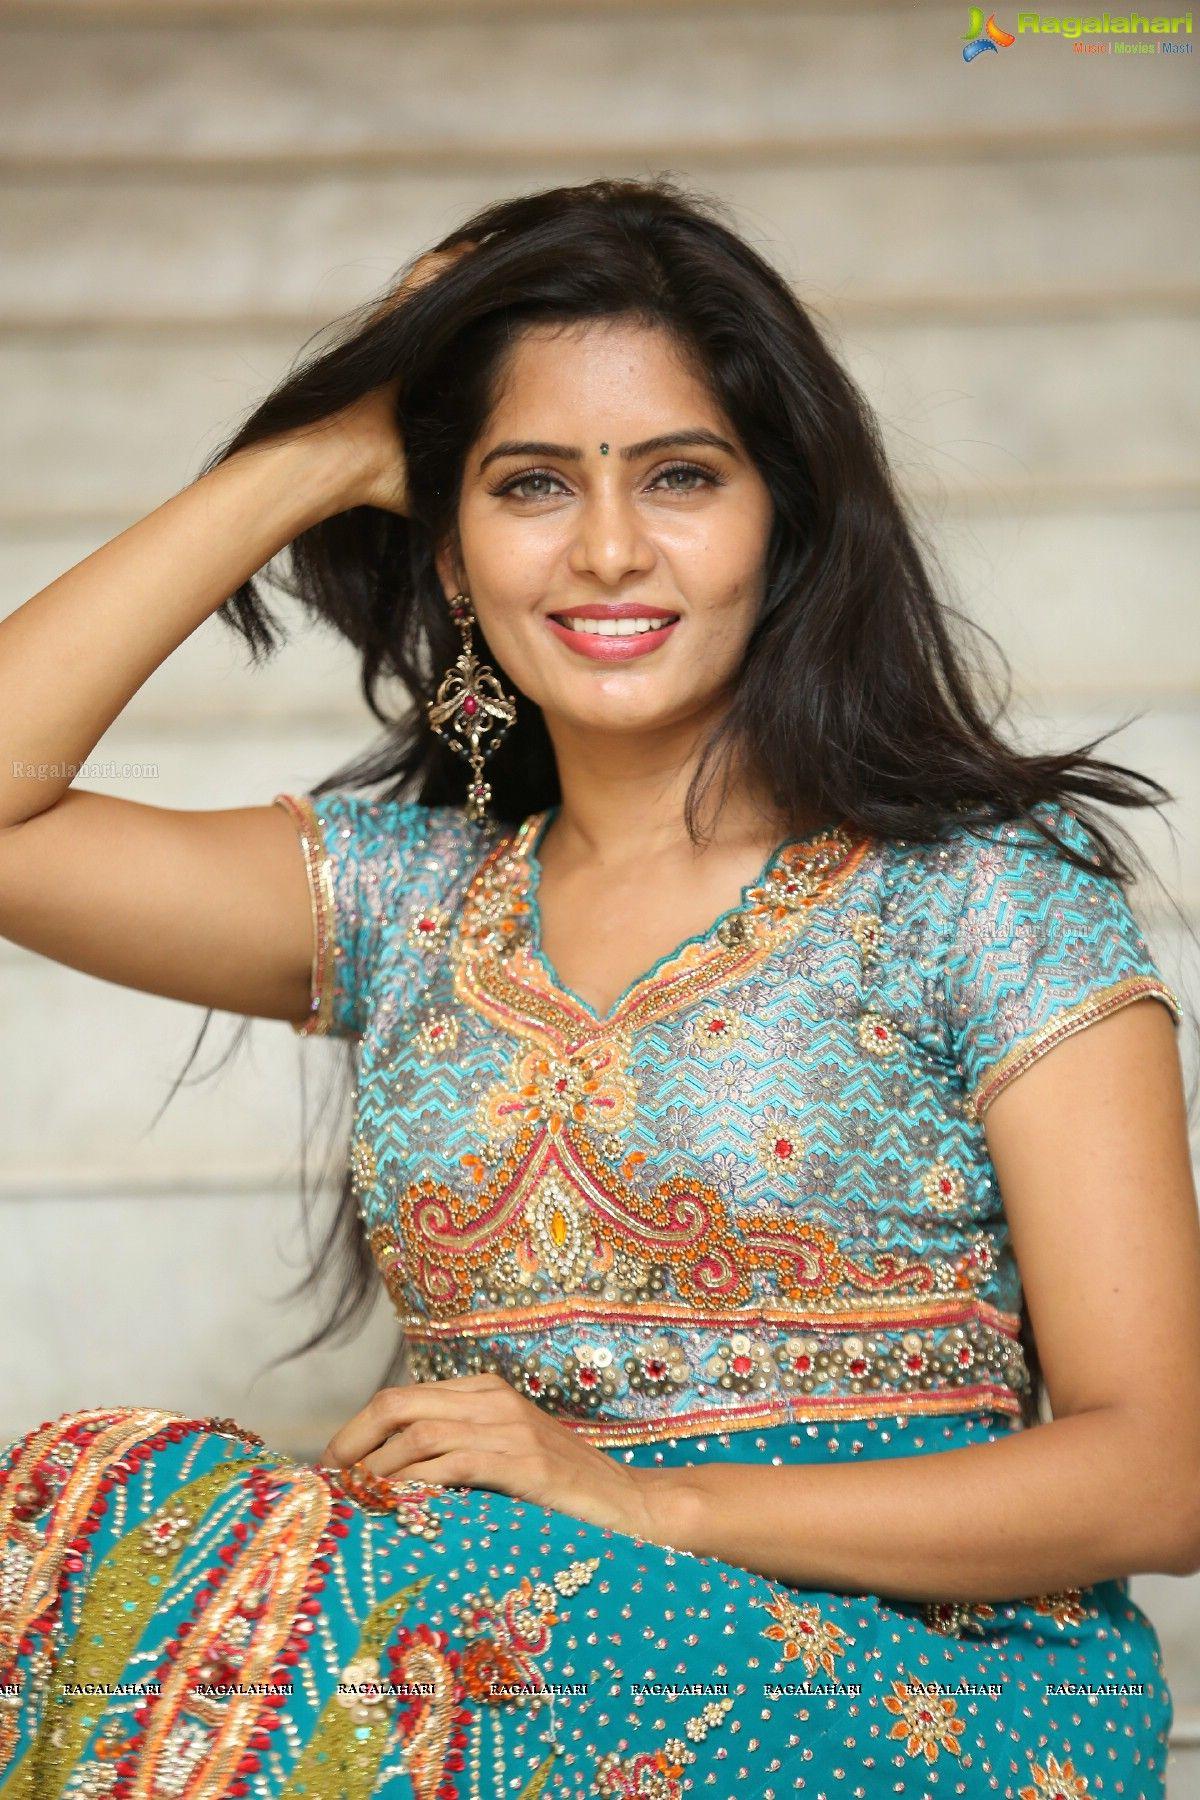 madhumitha image 24 | telugu heroines photos,images